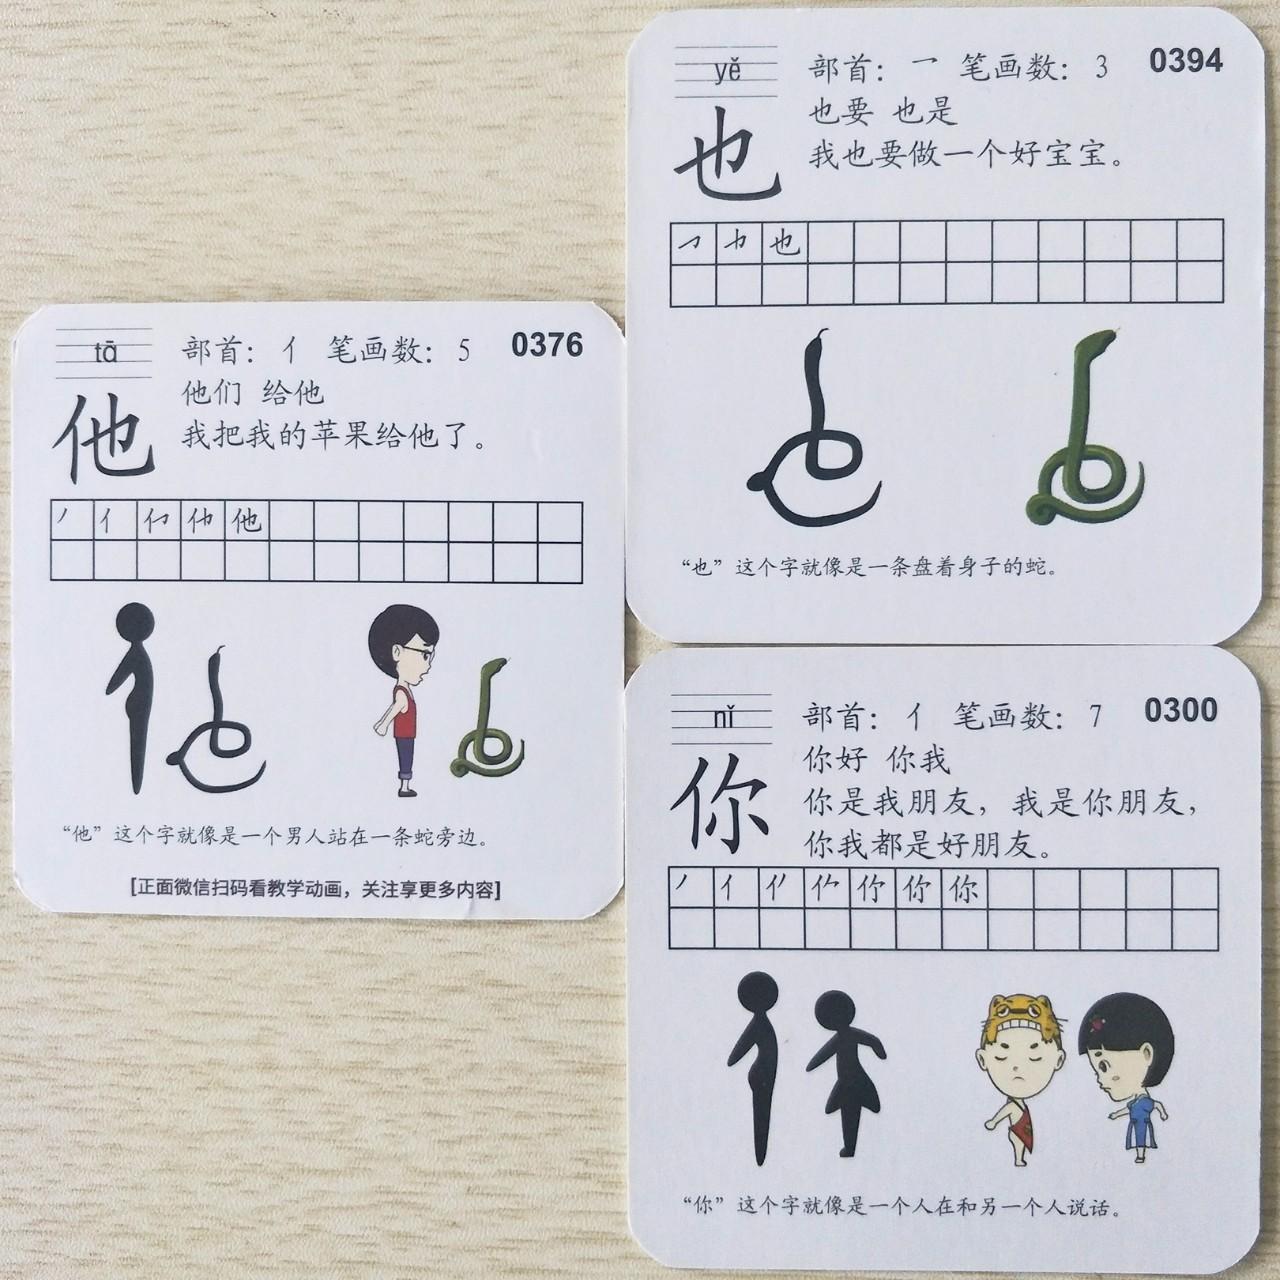 千字岛阶梯想象法.jpg